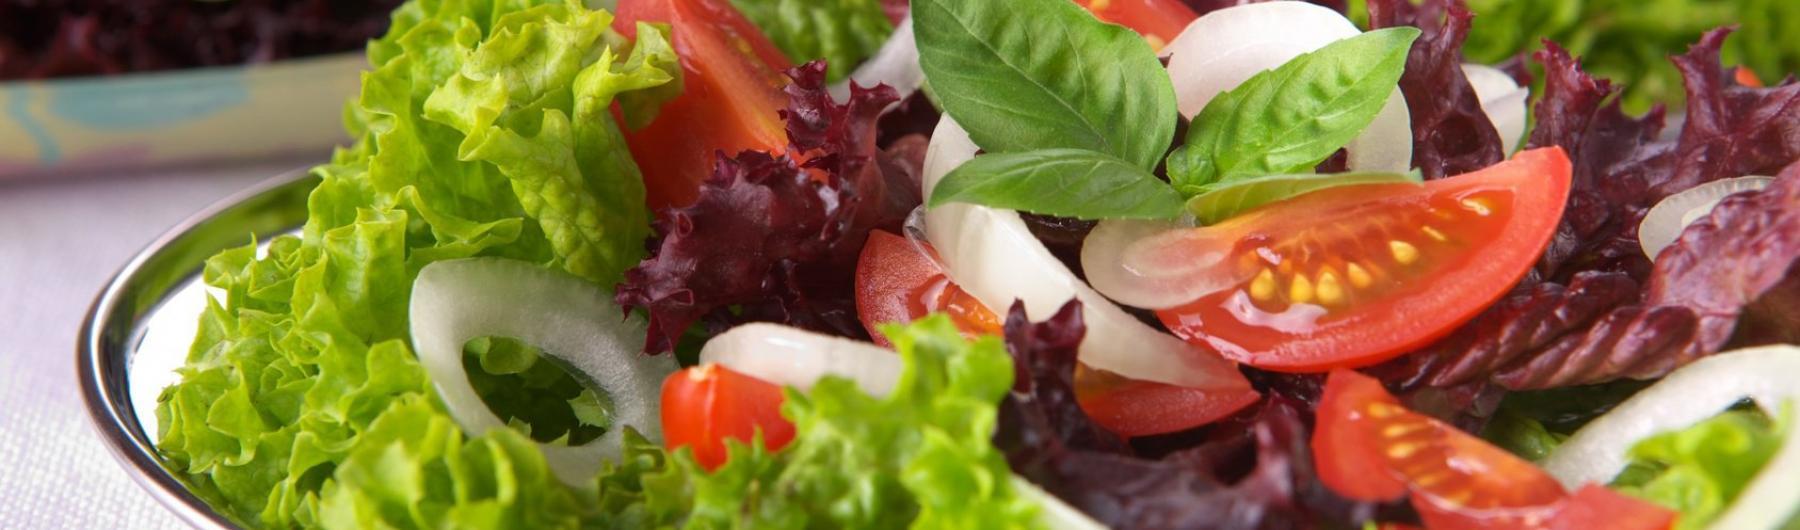 Solo uno de cada diez encuestados cambia su dieta por problemas de salud